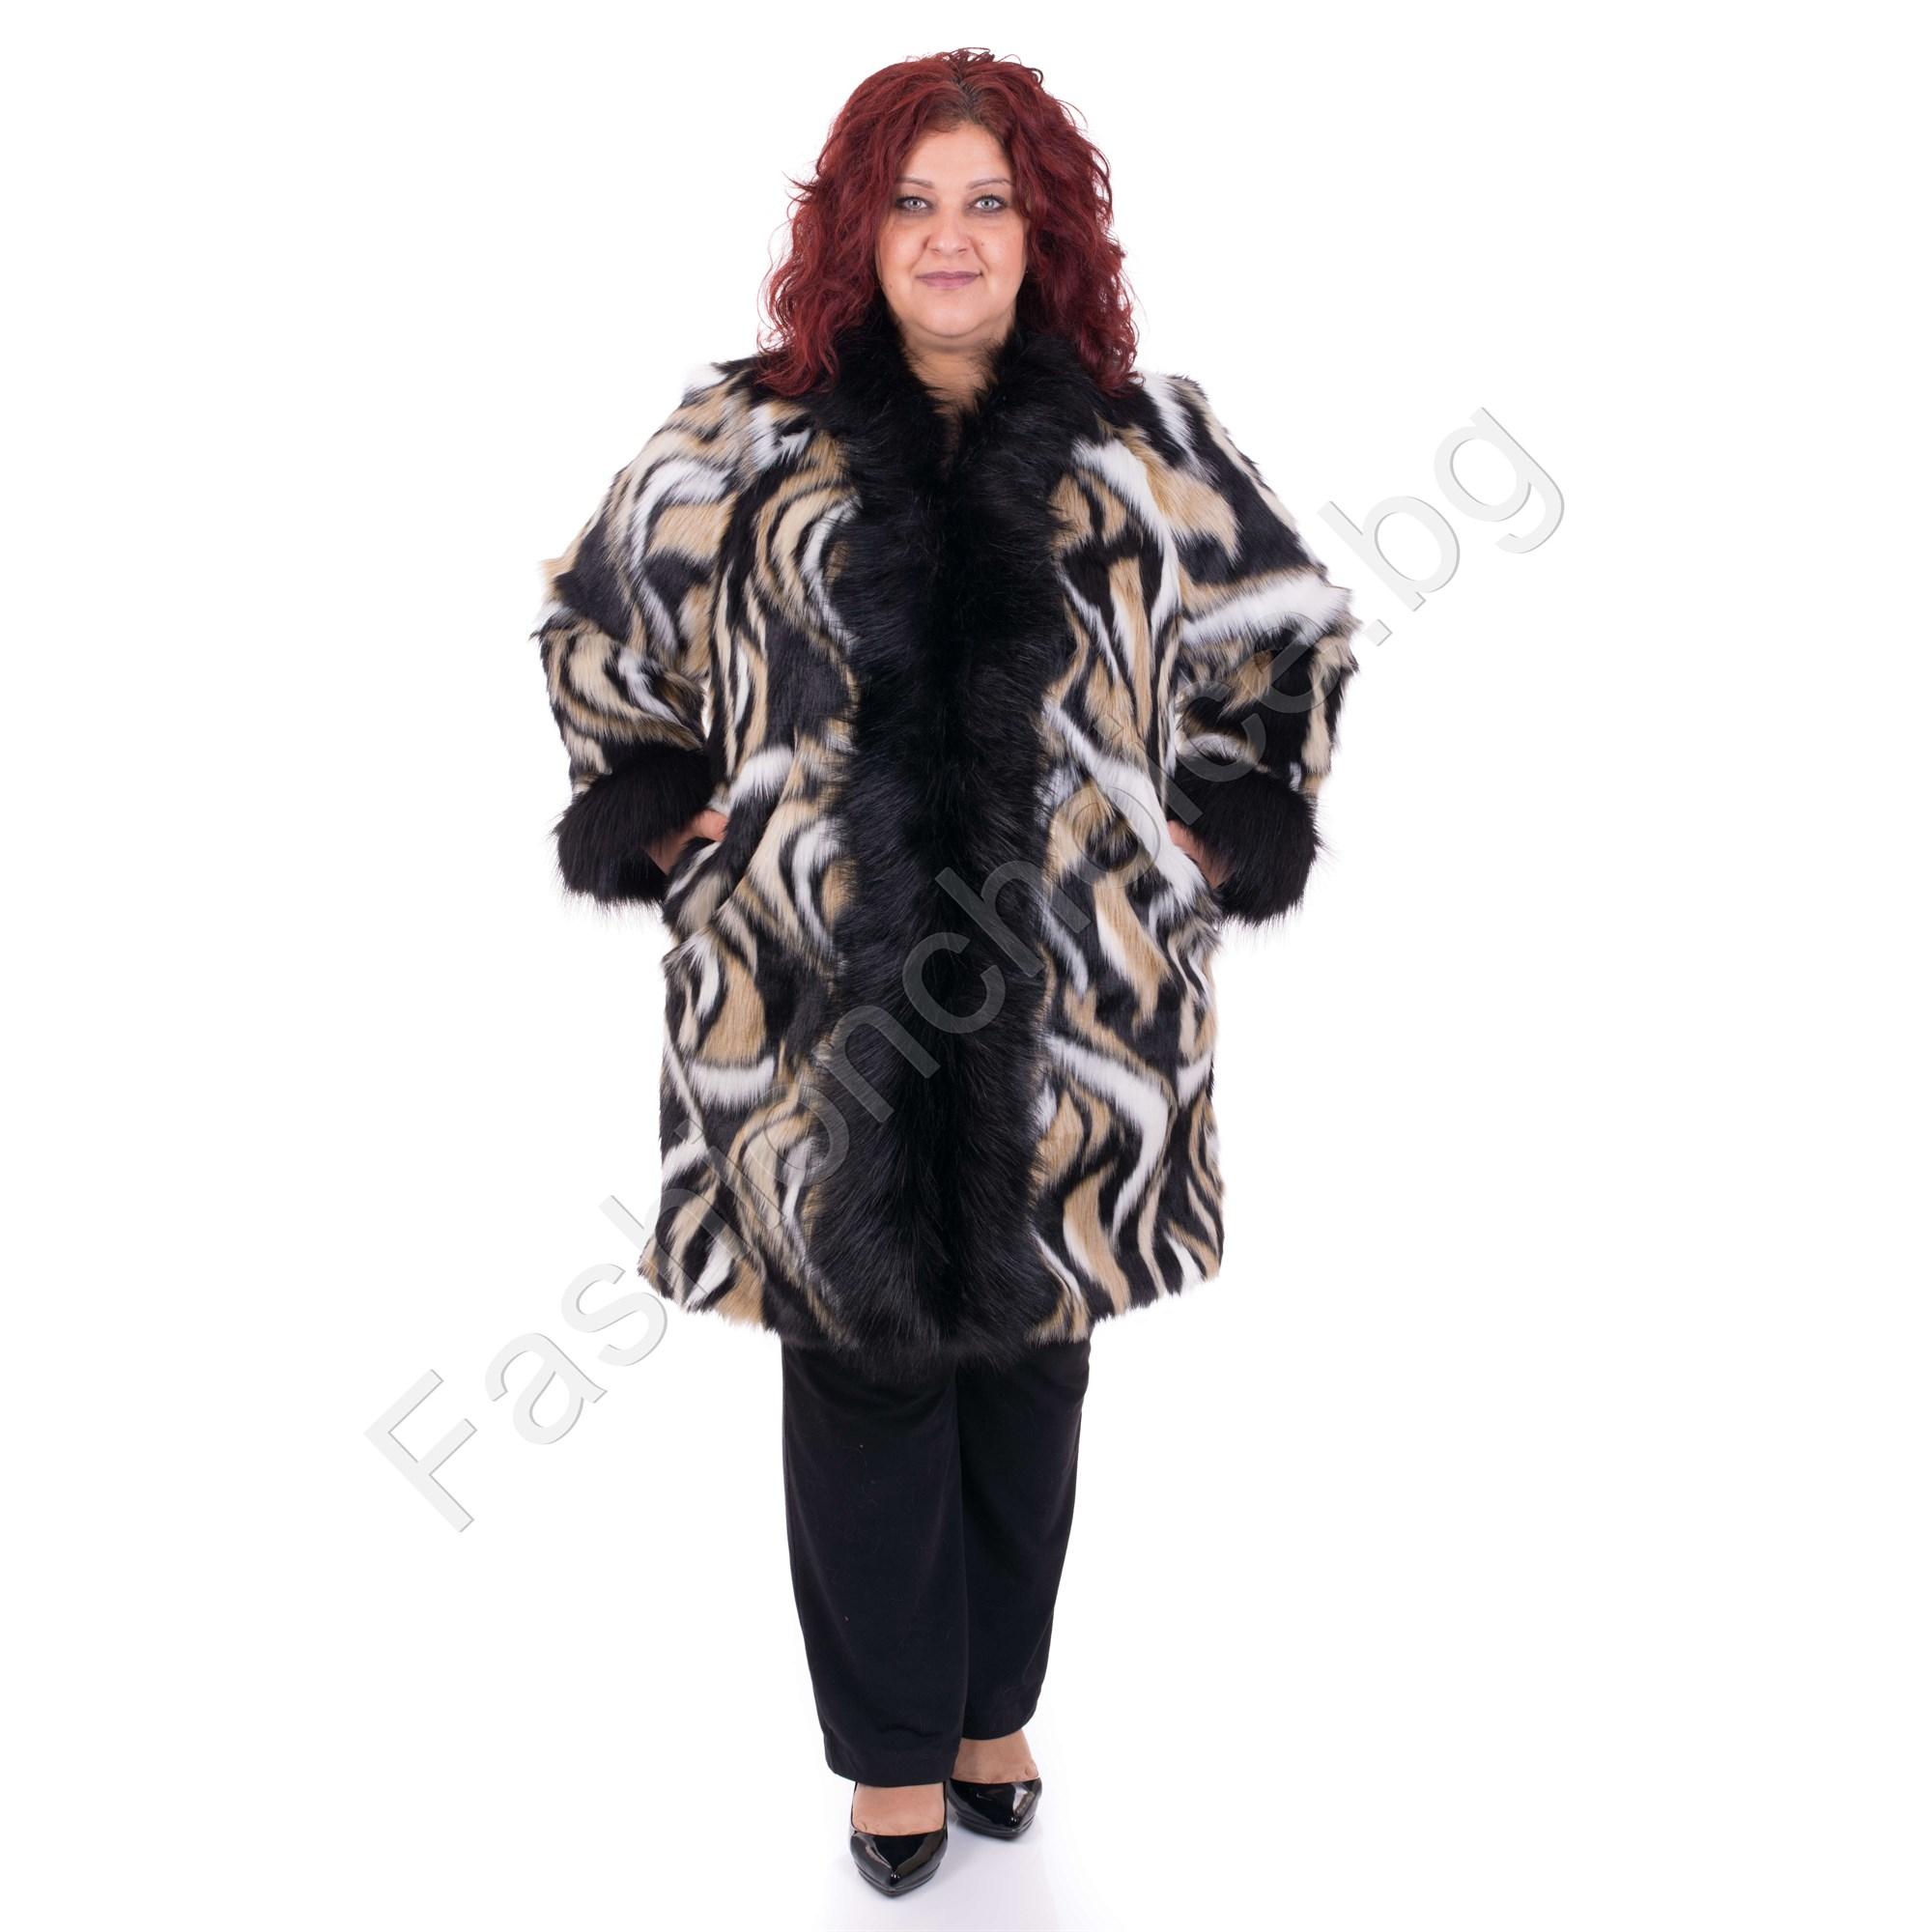 5b10951a1e7 Дизайнерско макси палтенце с разкошен еко косъм в абстрактен принт